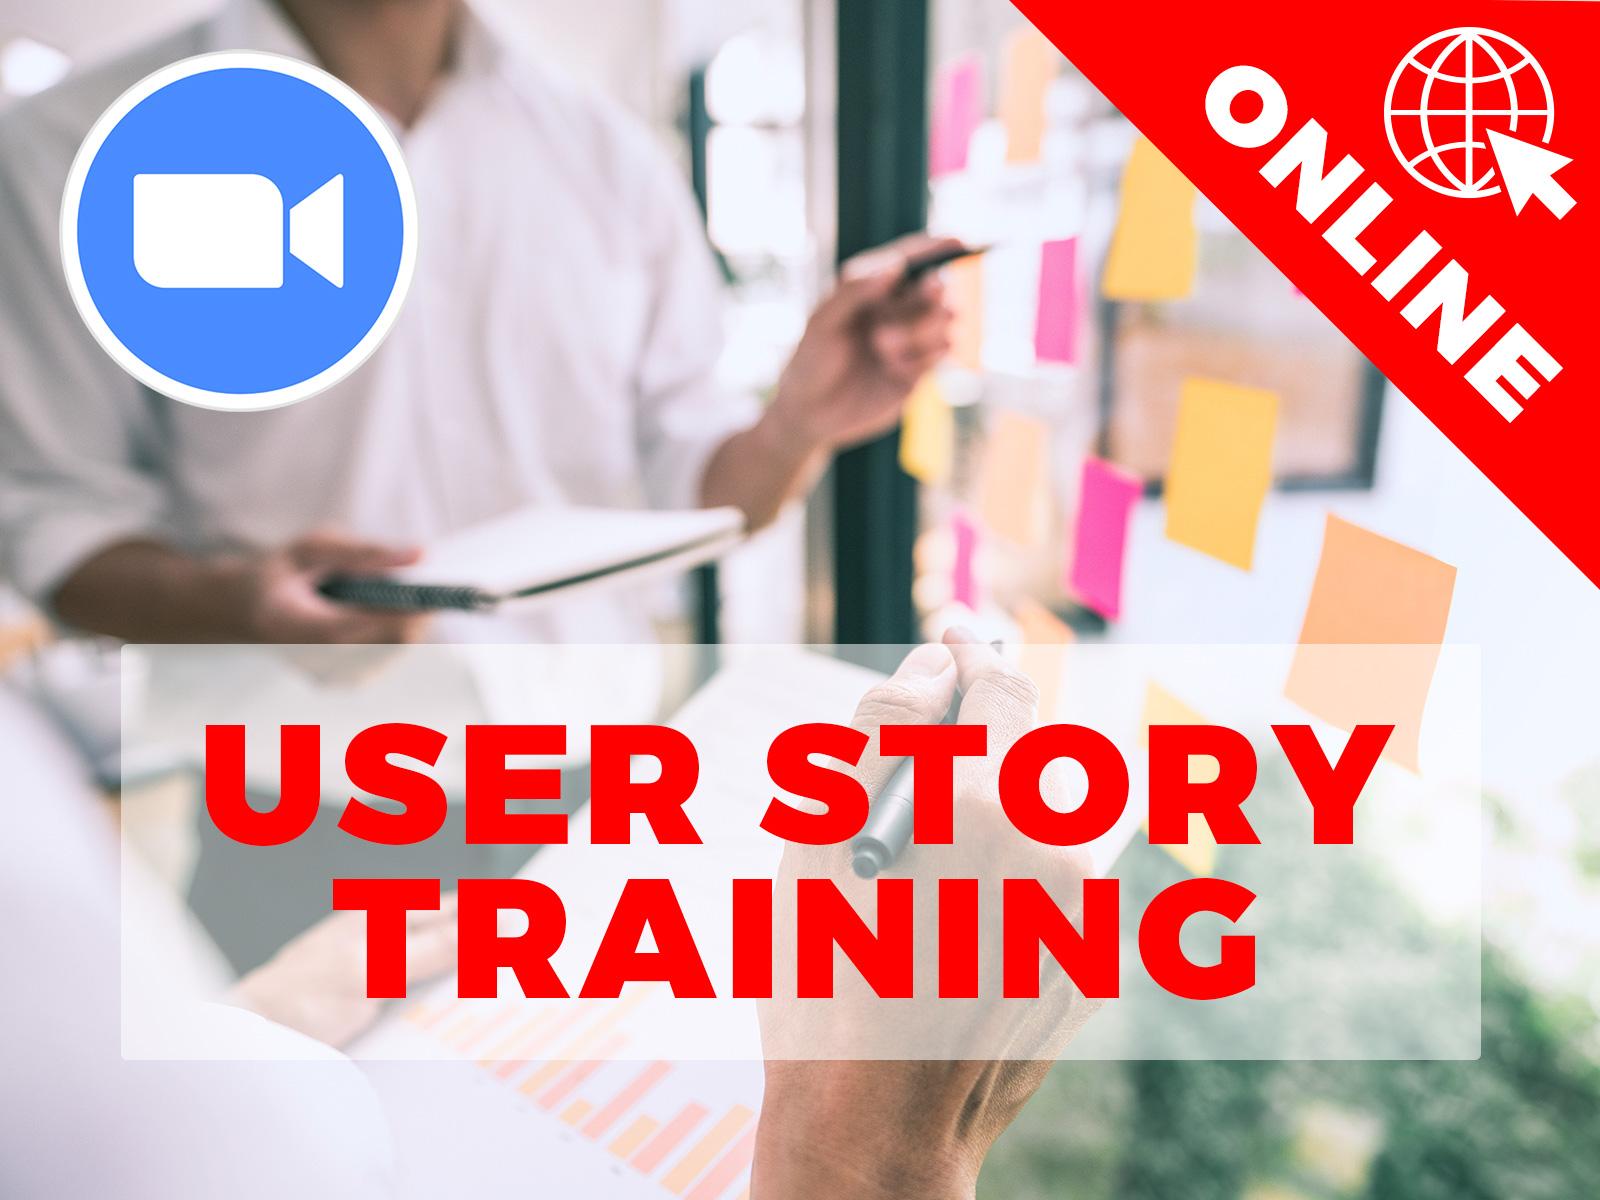 User-story-business-marketing-workshop-online